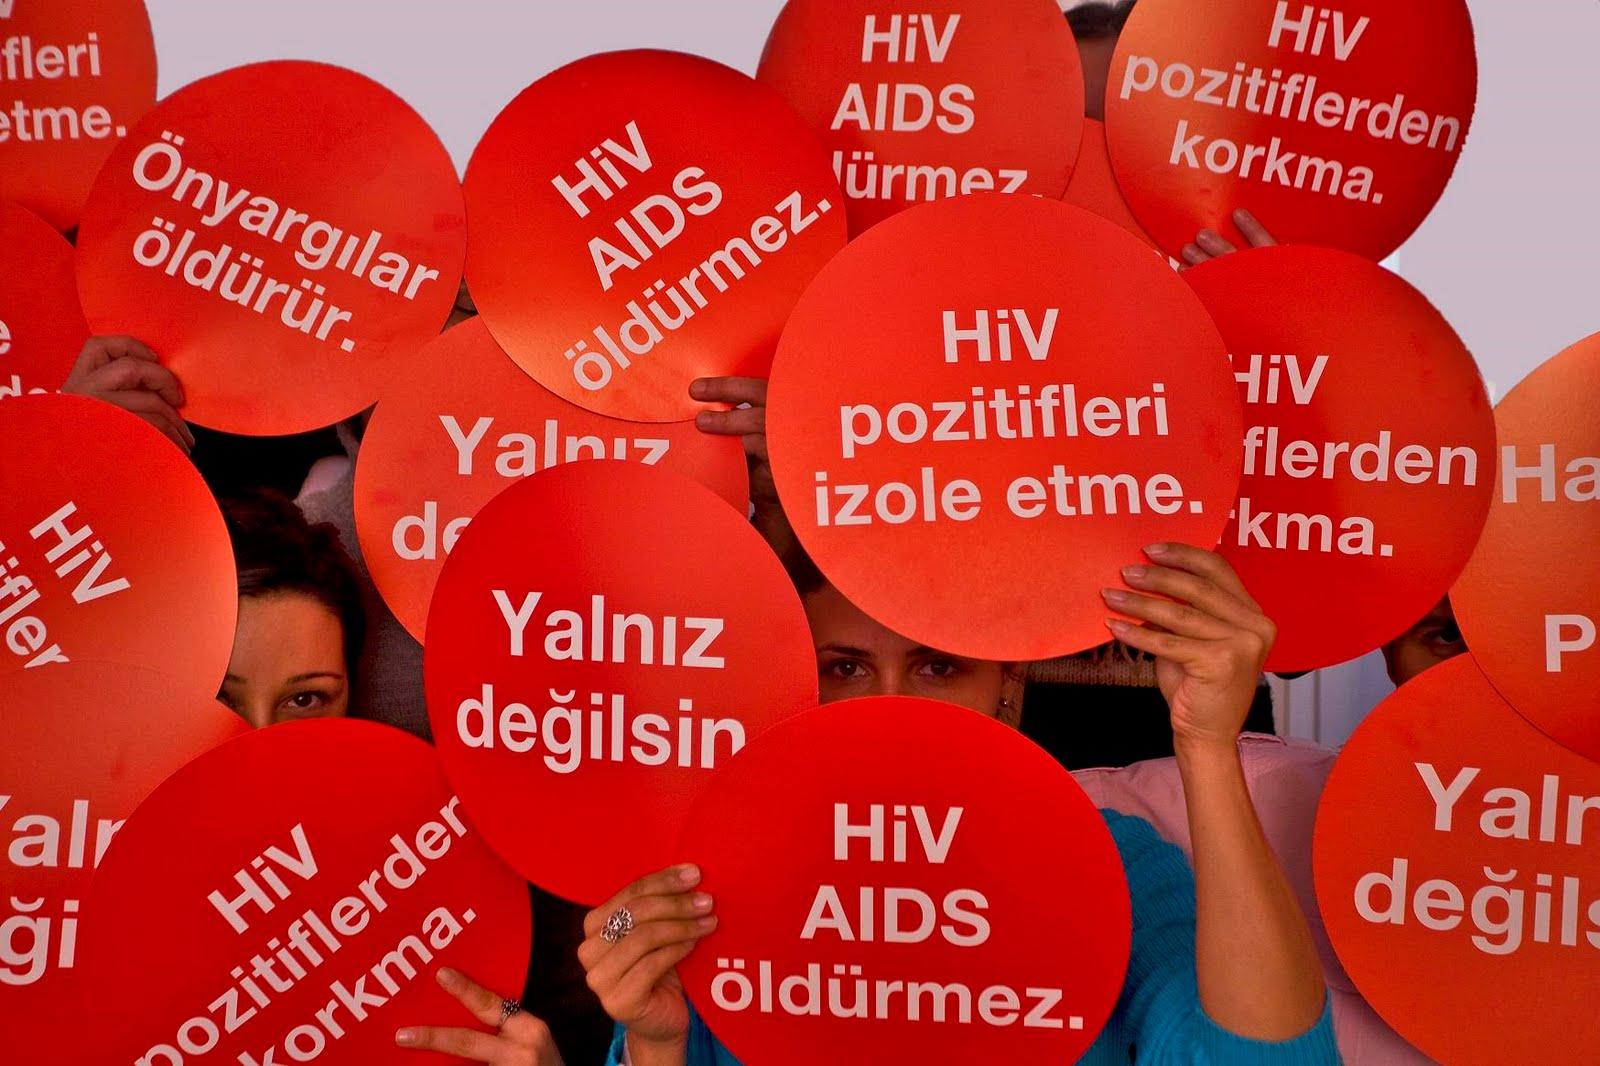 Farkındalık: 1 Aralık Dünya AIDS Günü